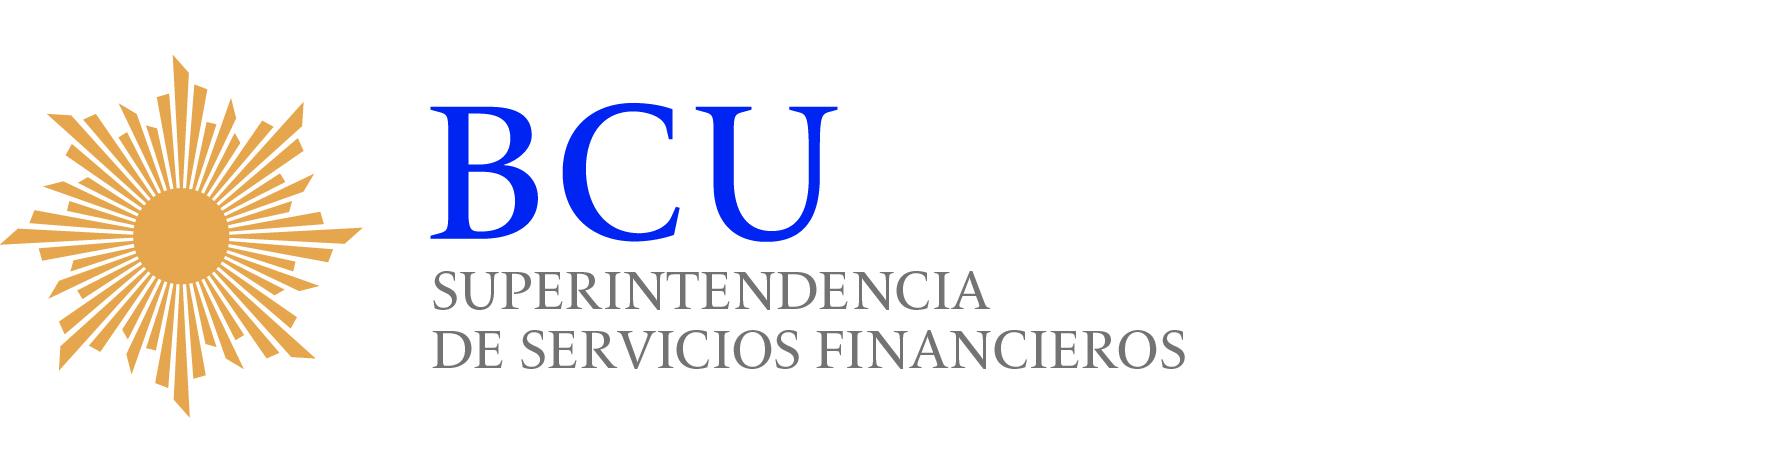 http://www.bcu.gub.uy/Servicios-Financieros-SSF/PublishingImages/logos%20areas-16.jpg